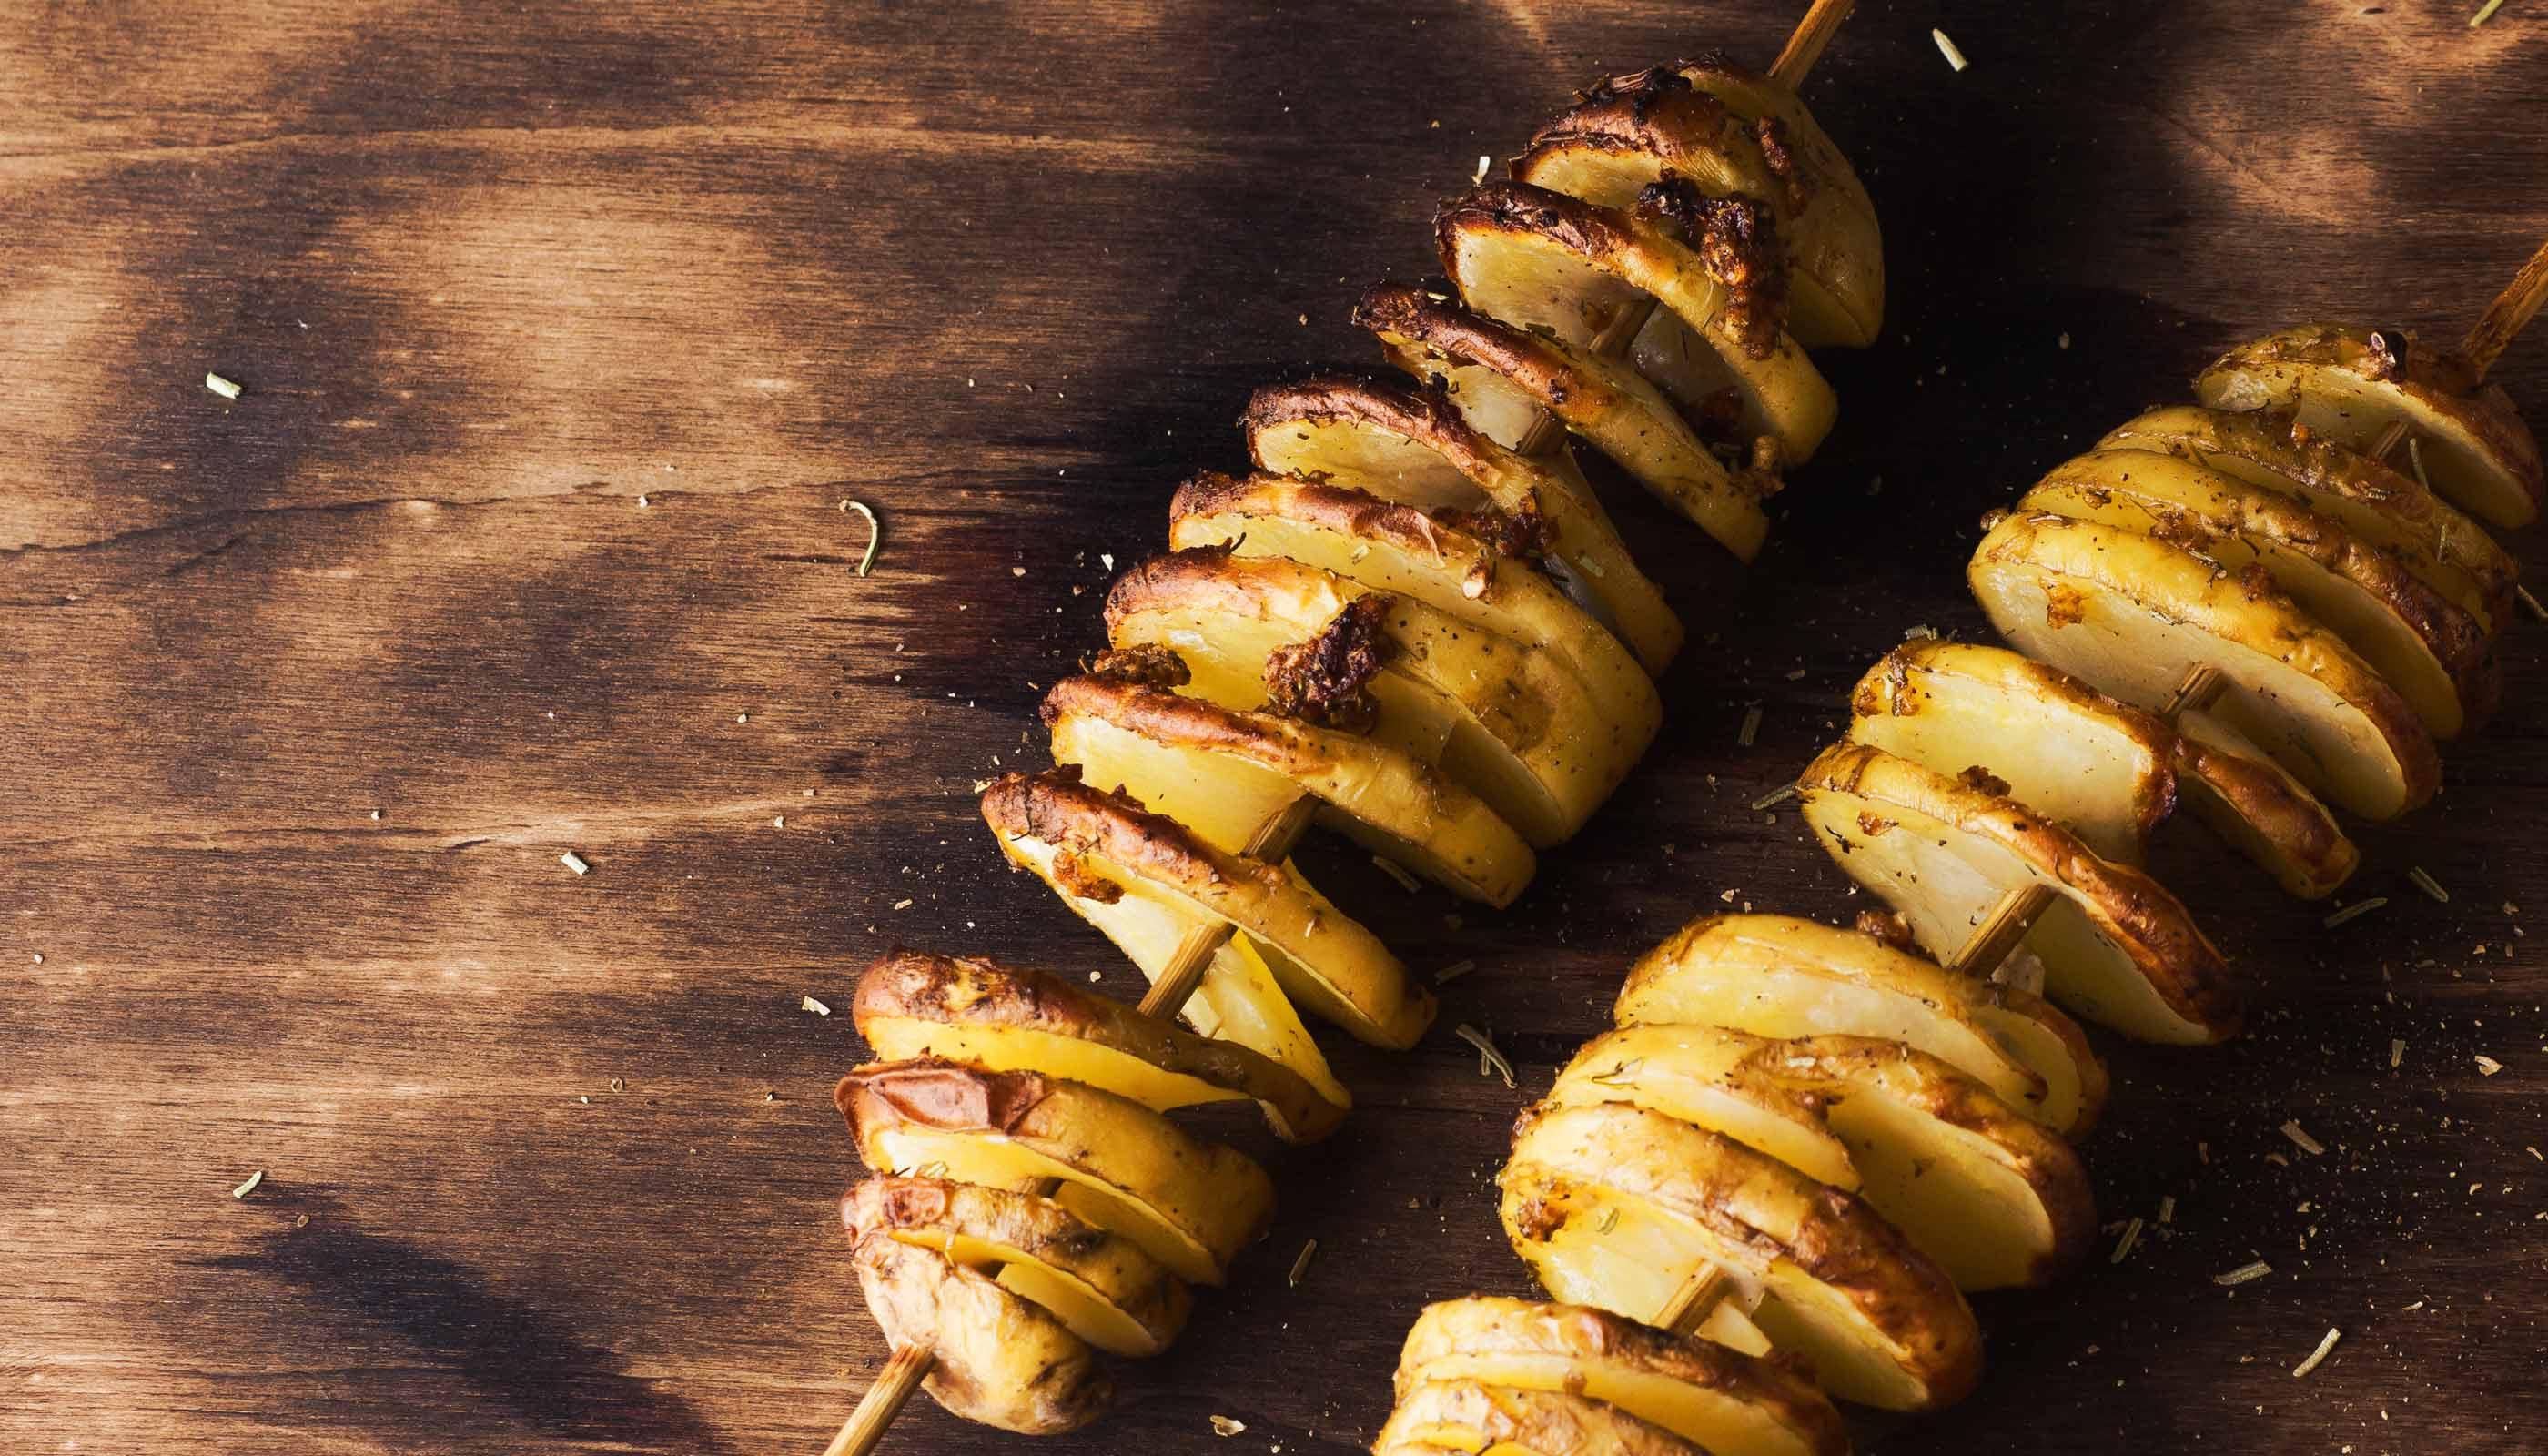 Bester Kartoffel Spiralschneider 2019 – So gelingen Tornadokartoffeln garantiert